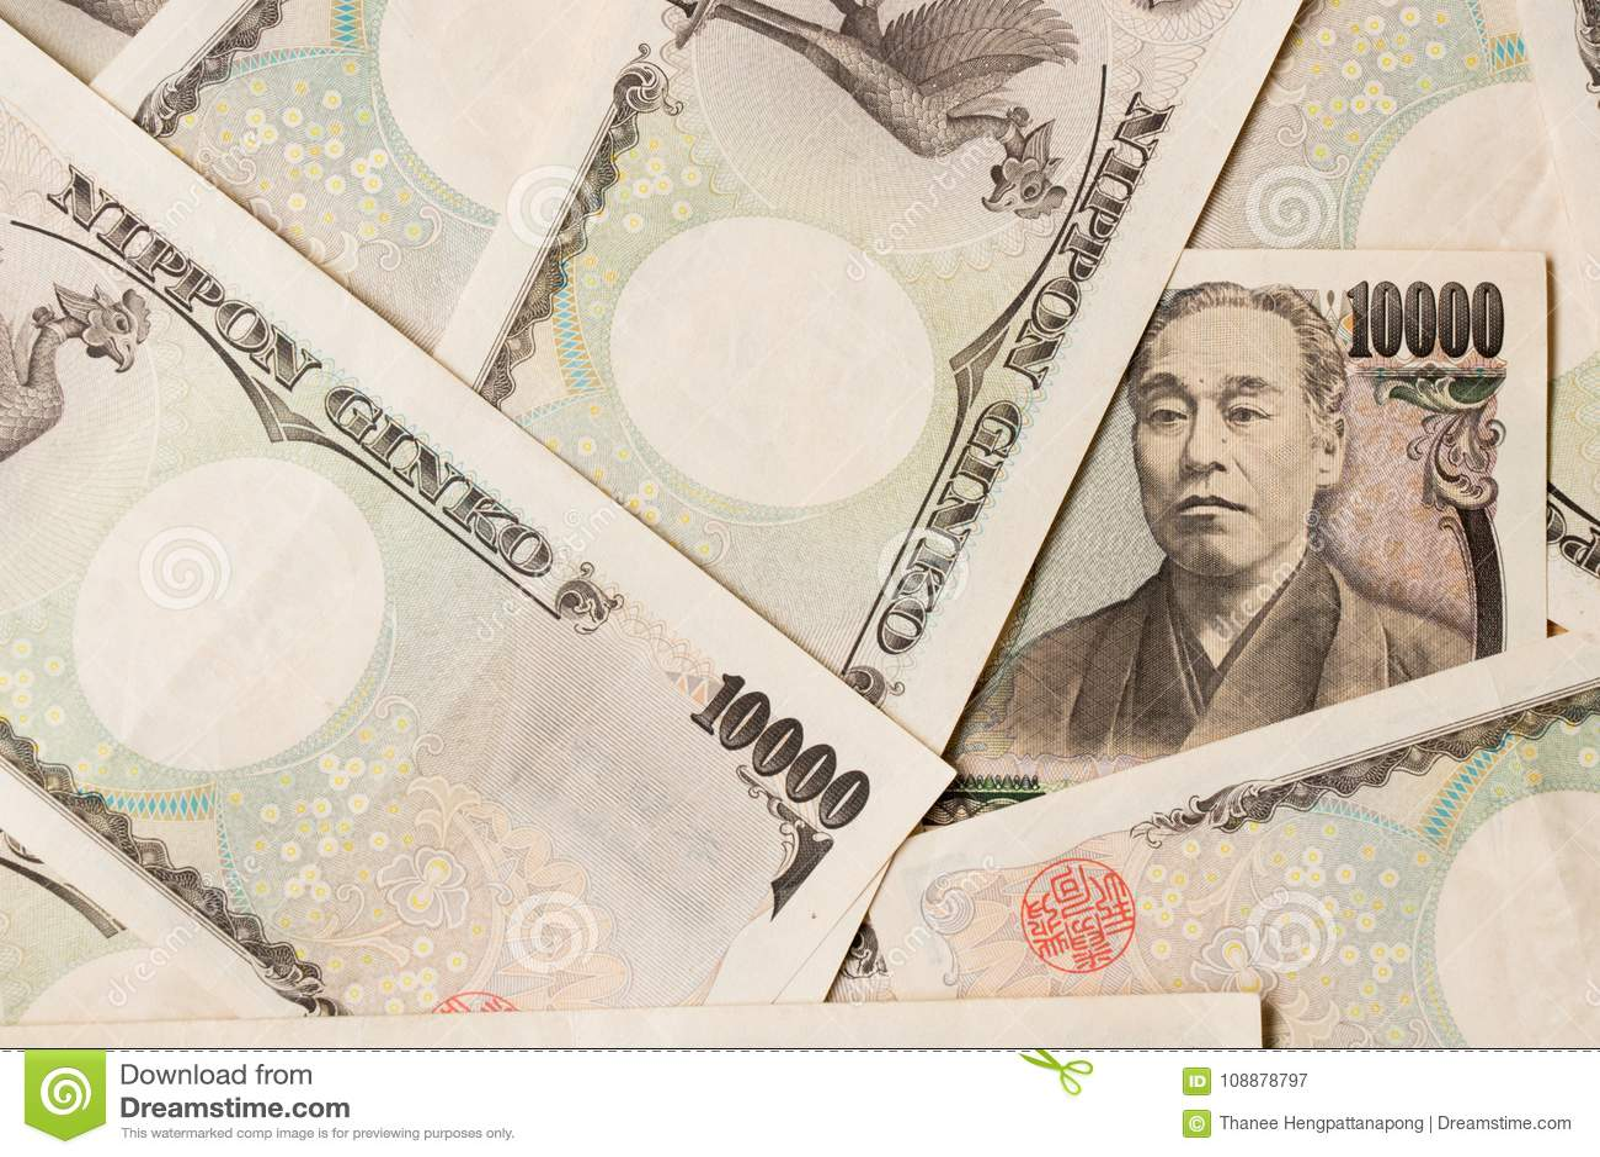 Ομάδα ιαπωνικού τραπεζογραμματίου υπόβαθρο 10000 γεν